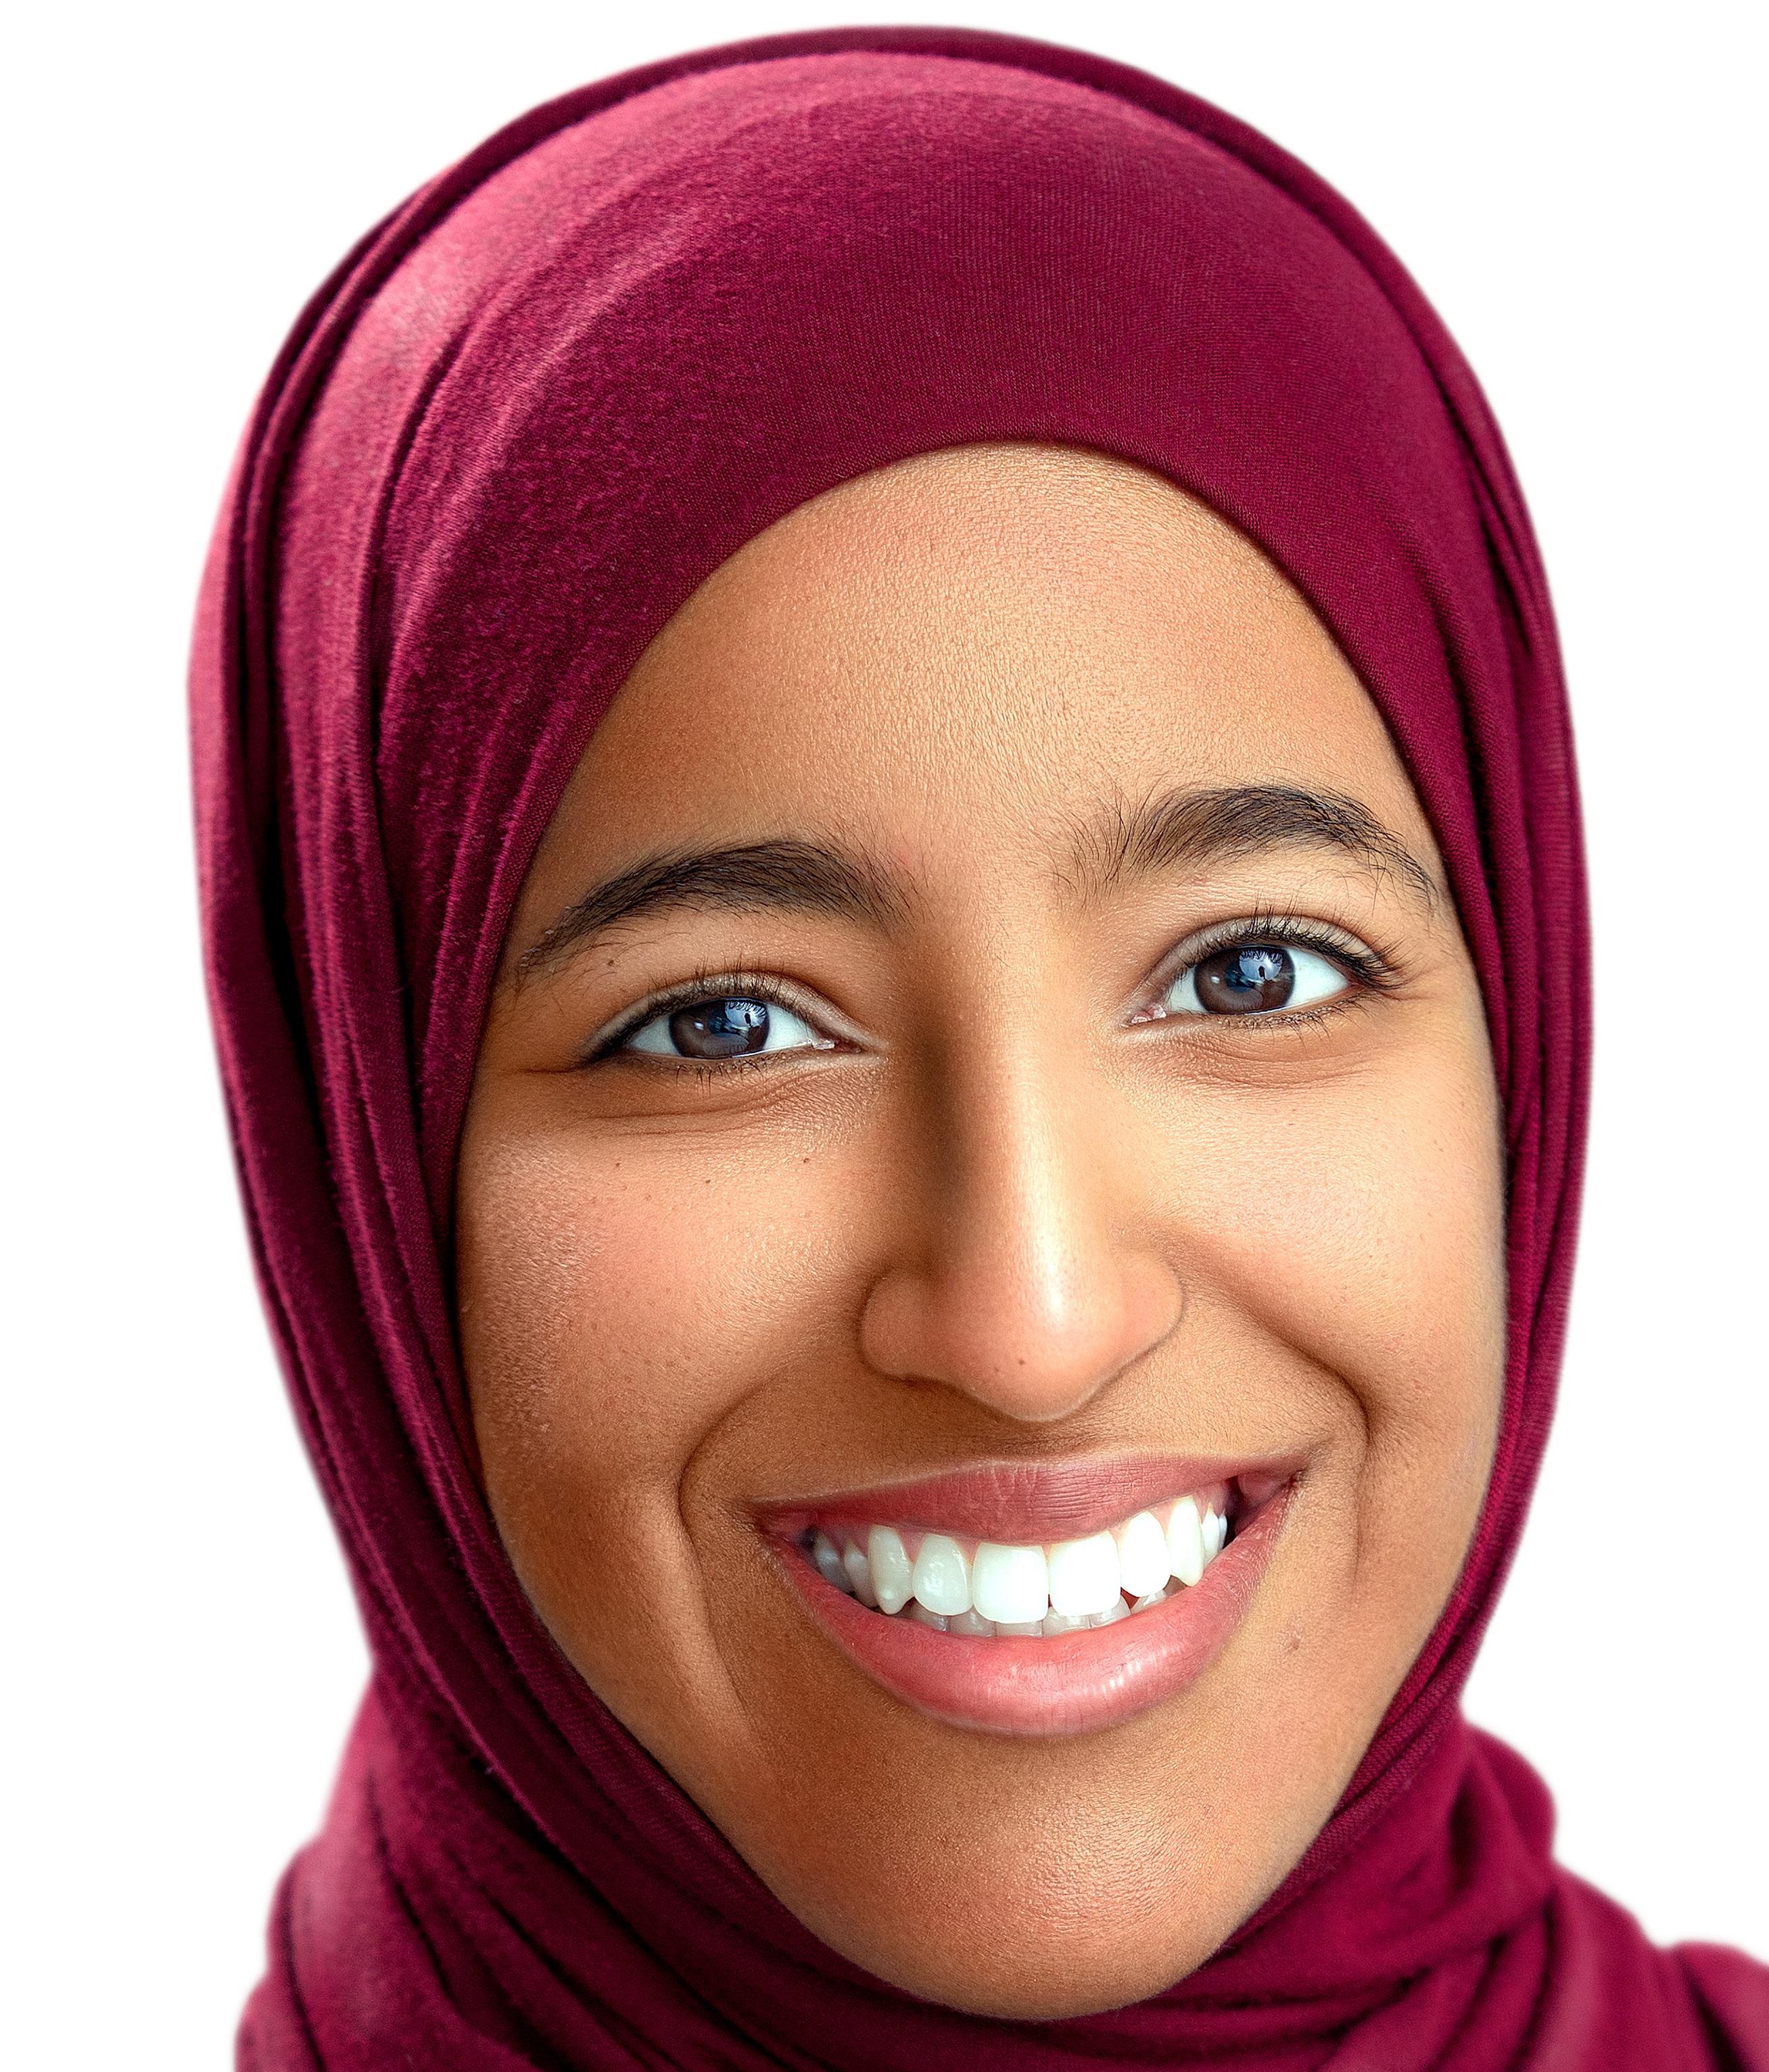 Marwa Al Wadhahi